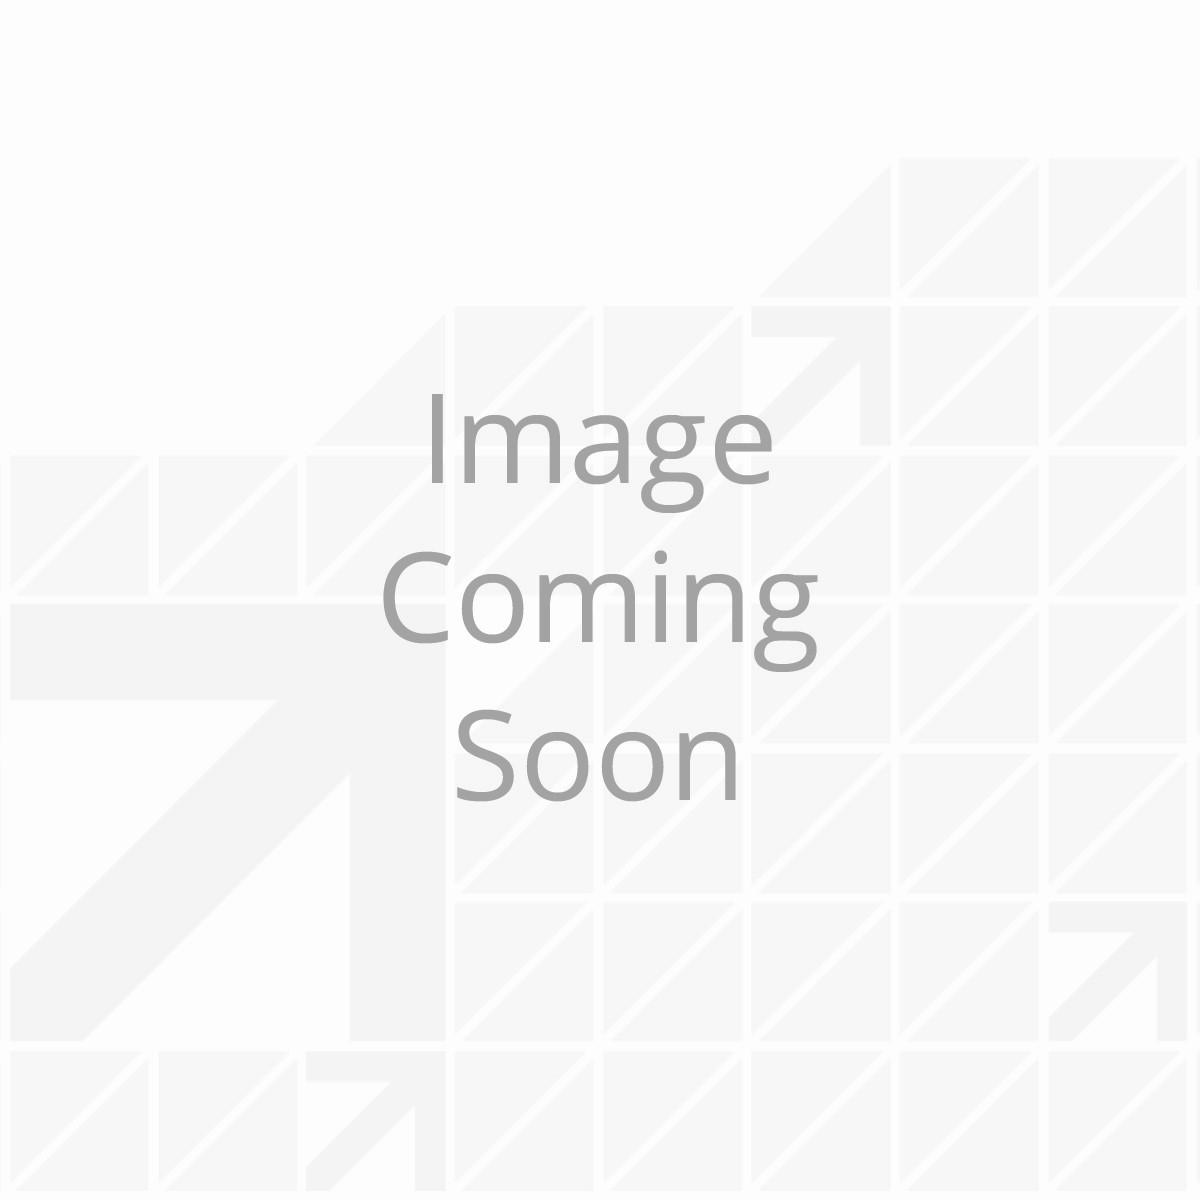 SWITCH FLT FOR PLASTIC HORI SWITCH FLT FOR PLSTC HORI TANK W/PCKRD CNCTR (PG#